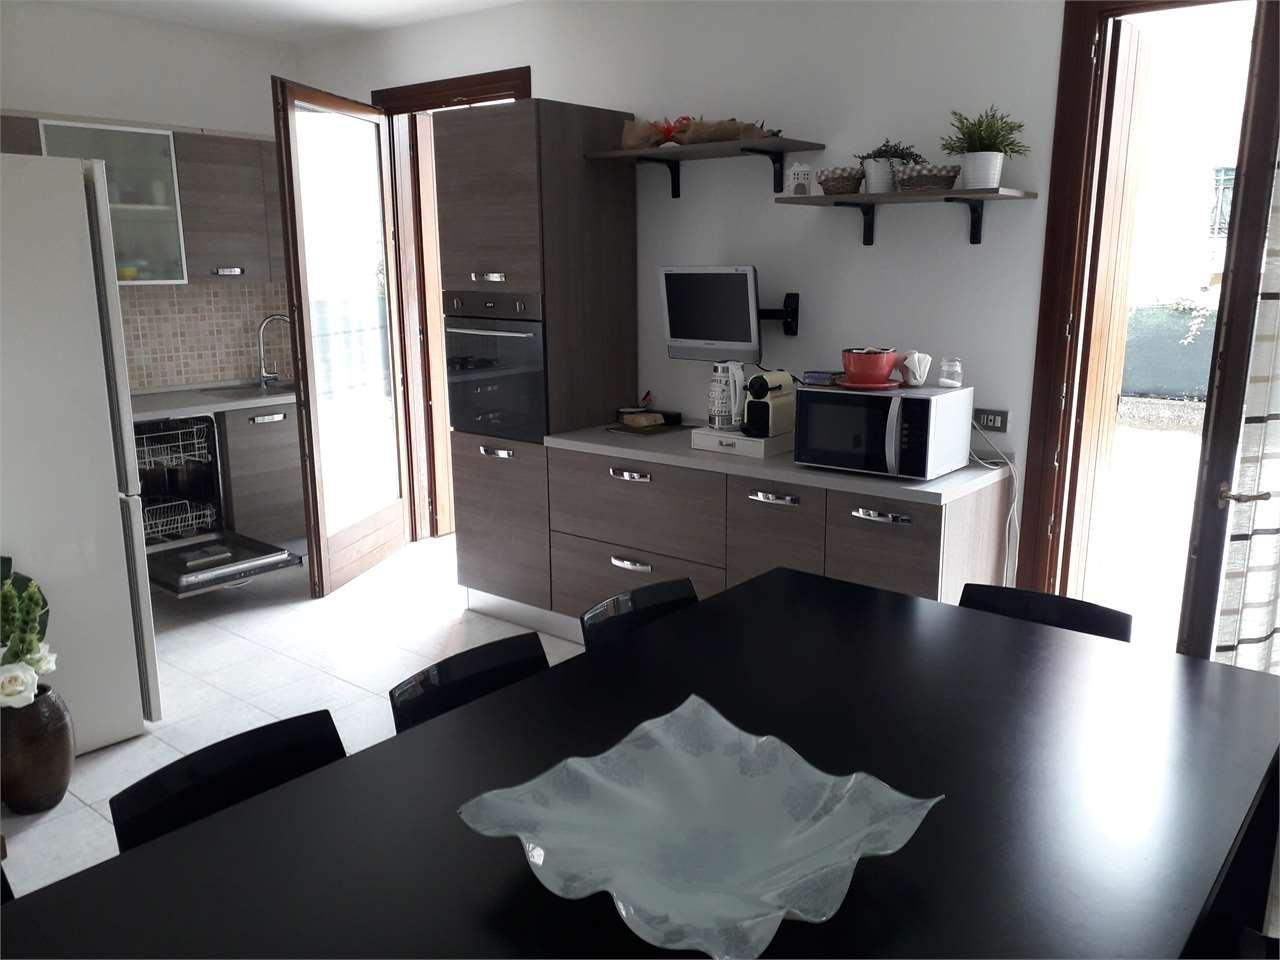 Villa a Schiera in vendita a Sarcedo, 7 locali, prezzo € 218.000 | CambioCasa.it